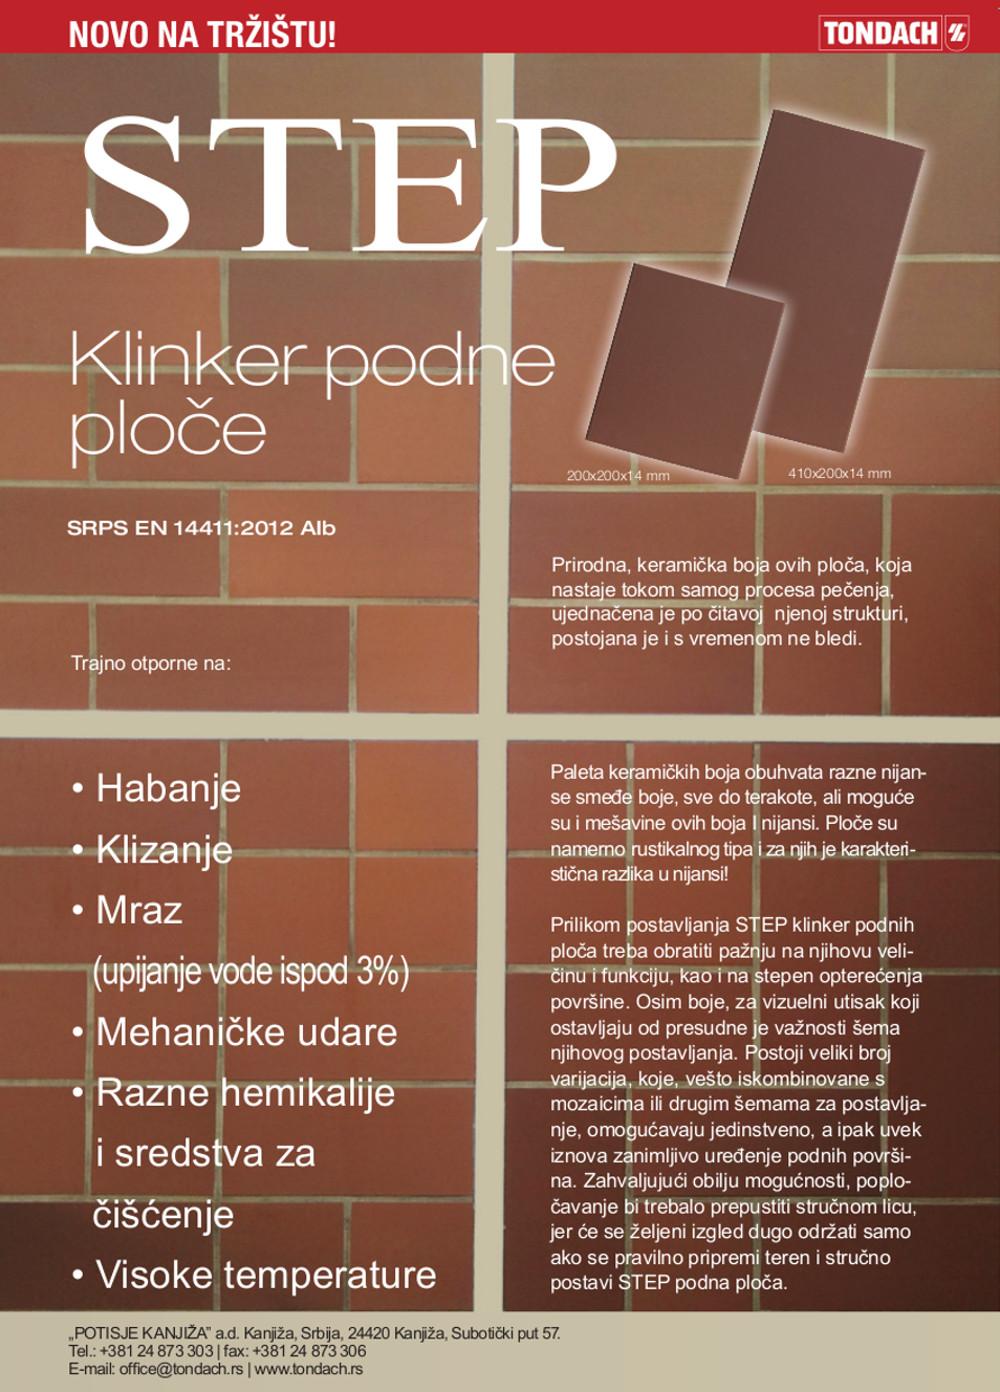 736 - Prilikom postavljanja STEP klinker podnih ploca treba obratiti paznju na njihovu velicinu i funkciju kao i na stepen opterecenja povrsine